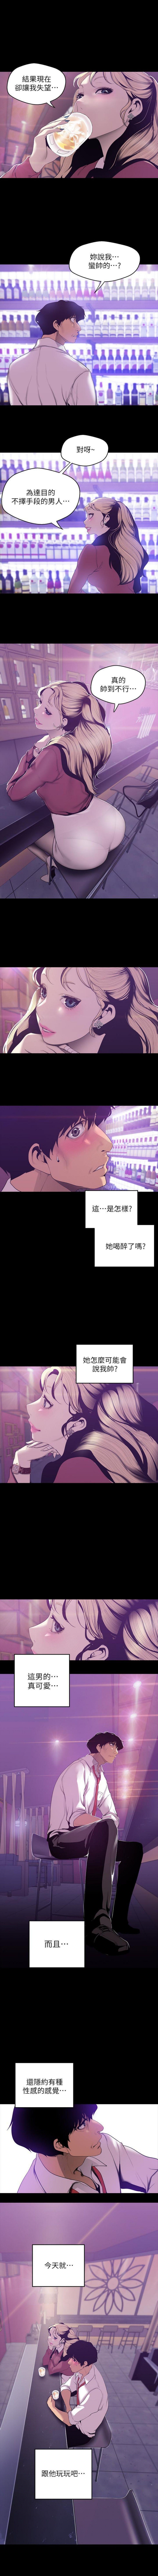 (週1)美麗新世界 1-76 中文翻譯 (更新中) 516